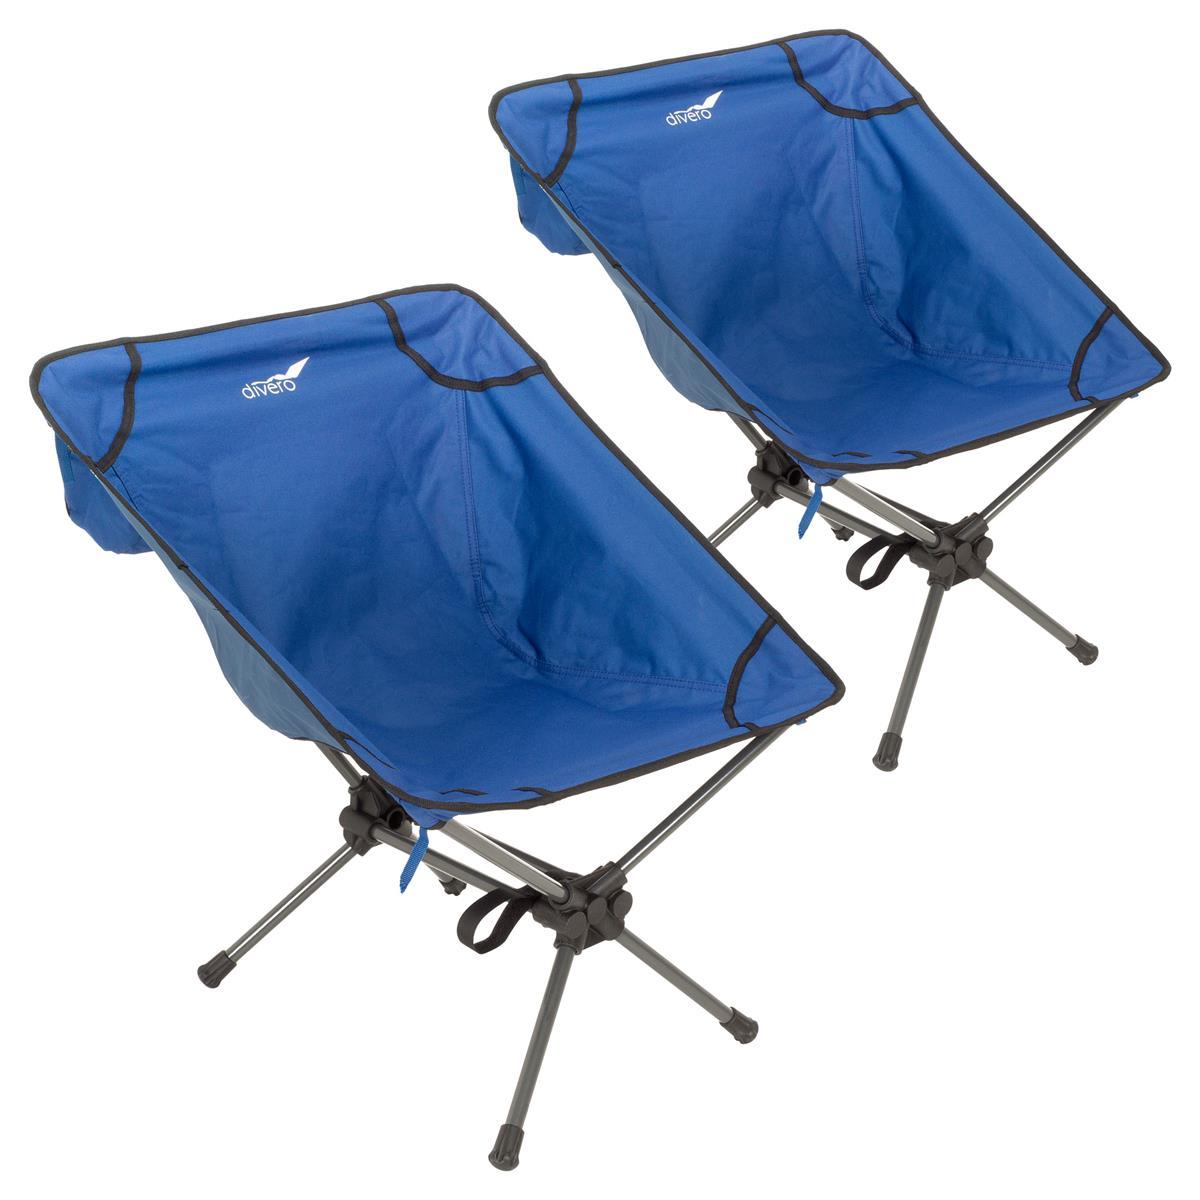 2er Set ultraleichte faltbare Campingsessel Campingstuhl Angelsitz  königsblau